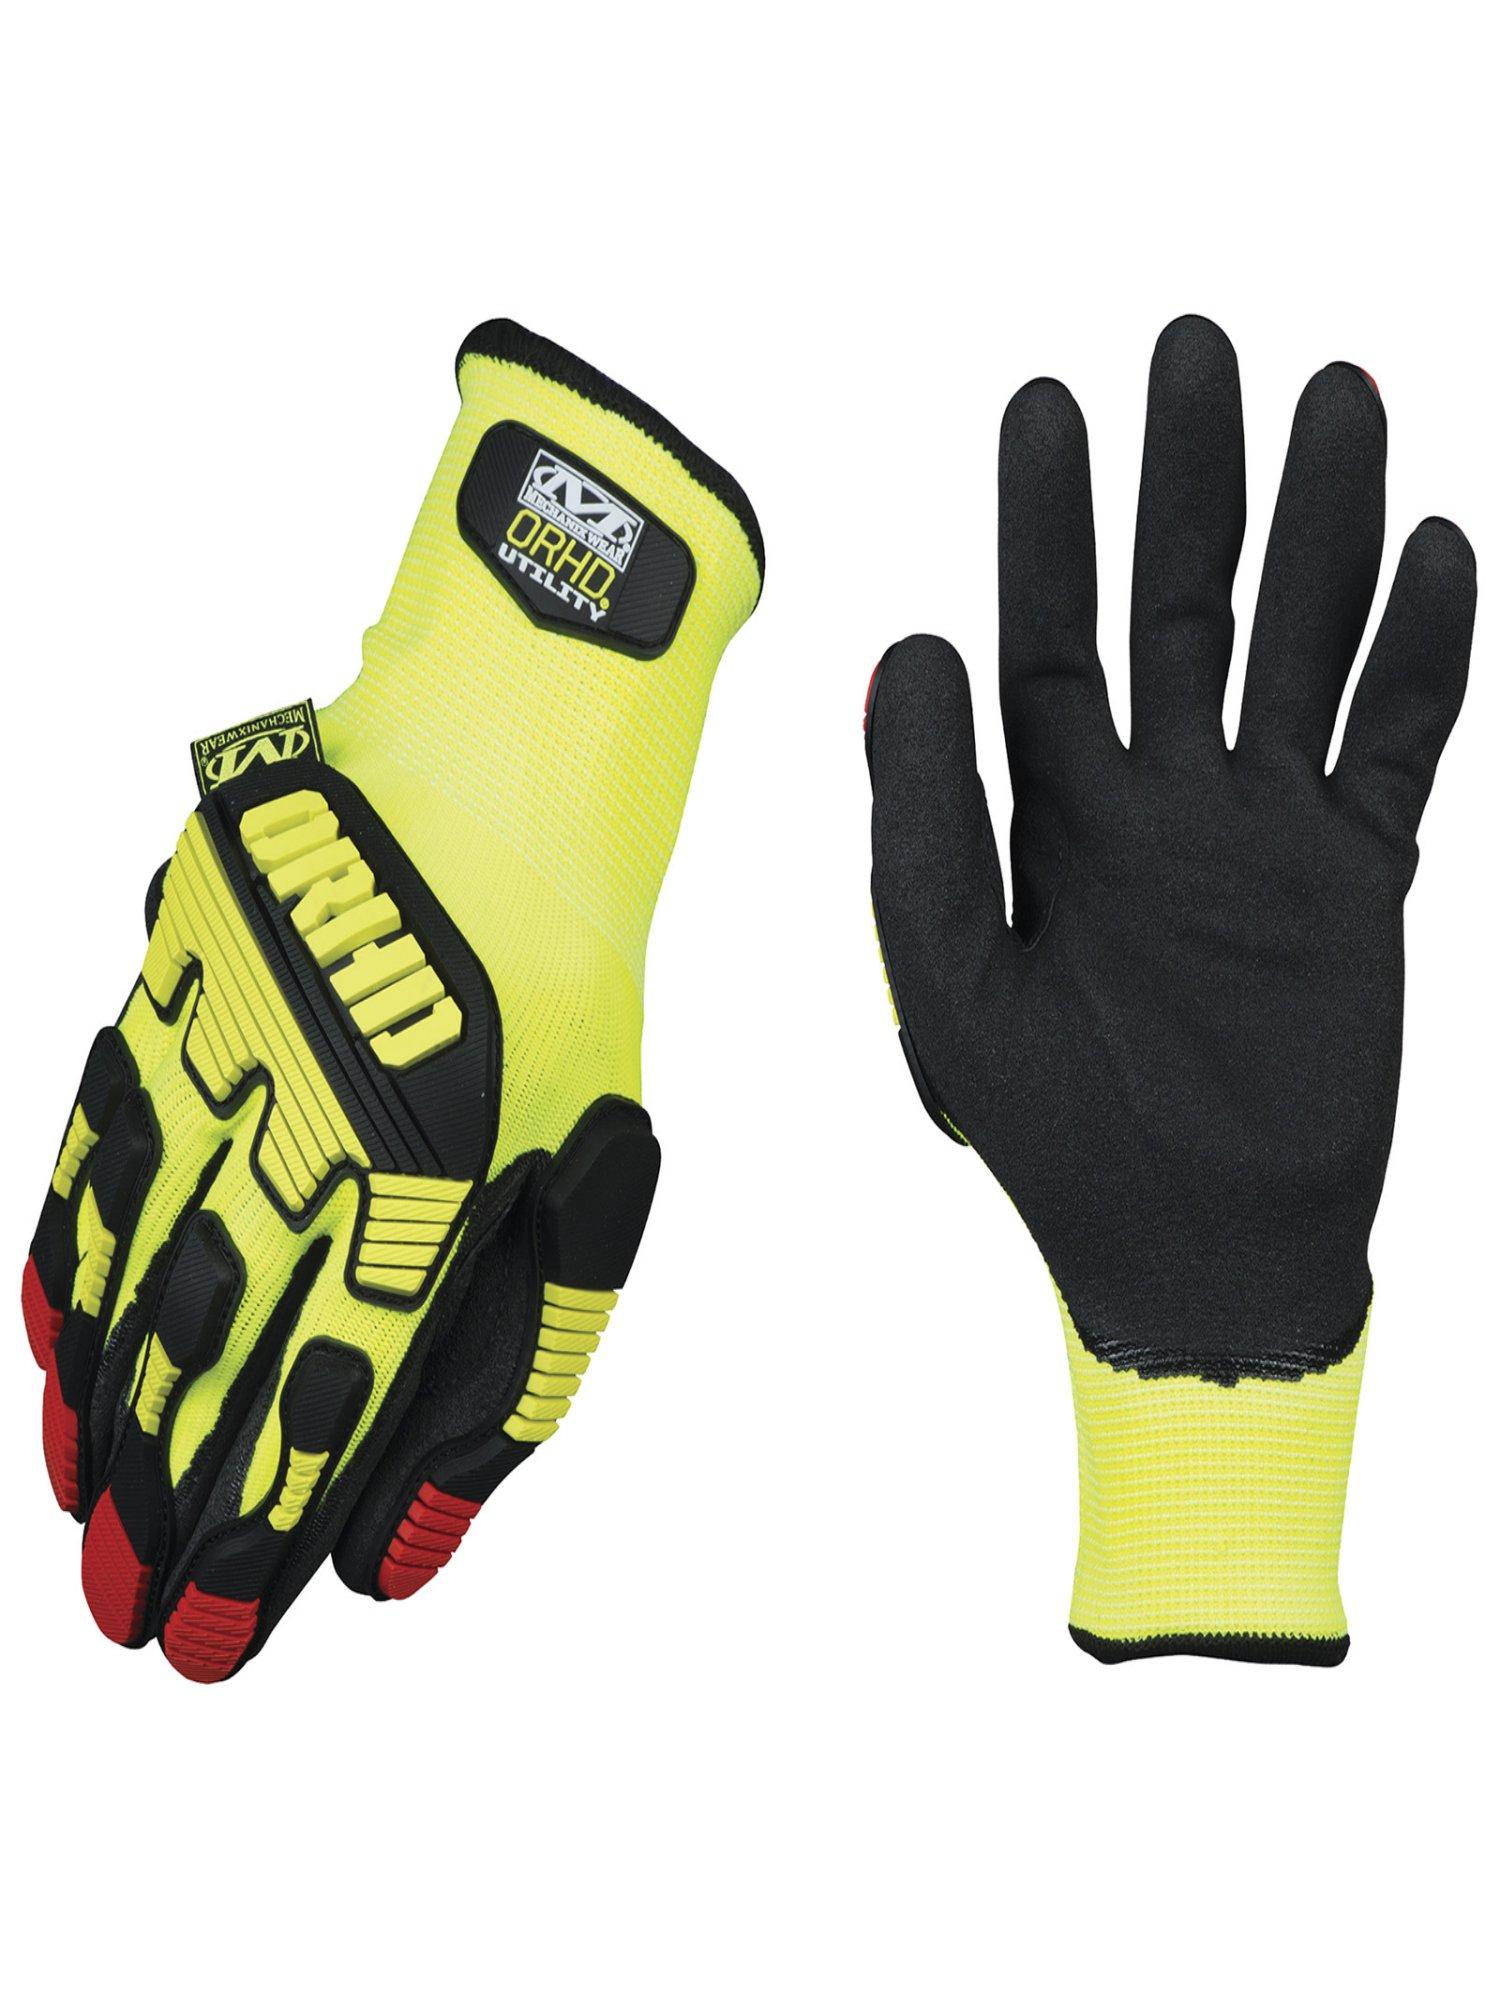 Mechanix Wear Hi-Viz Yellow ORHD Knit Utility Gloves